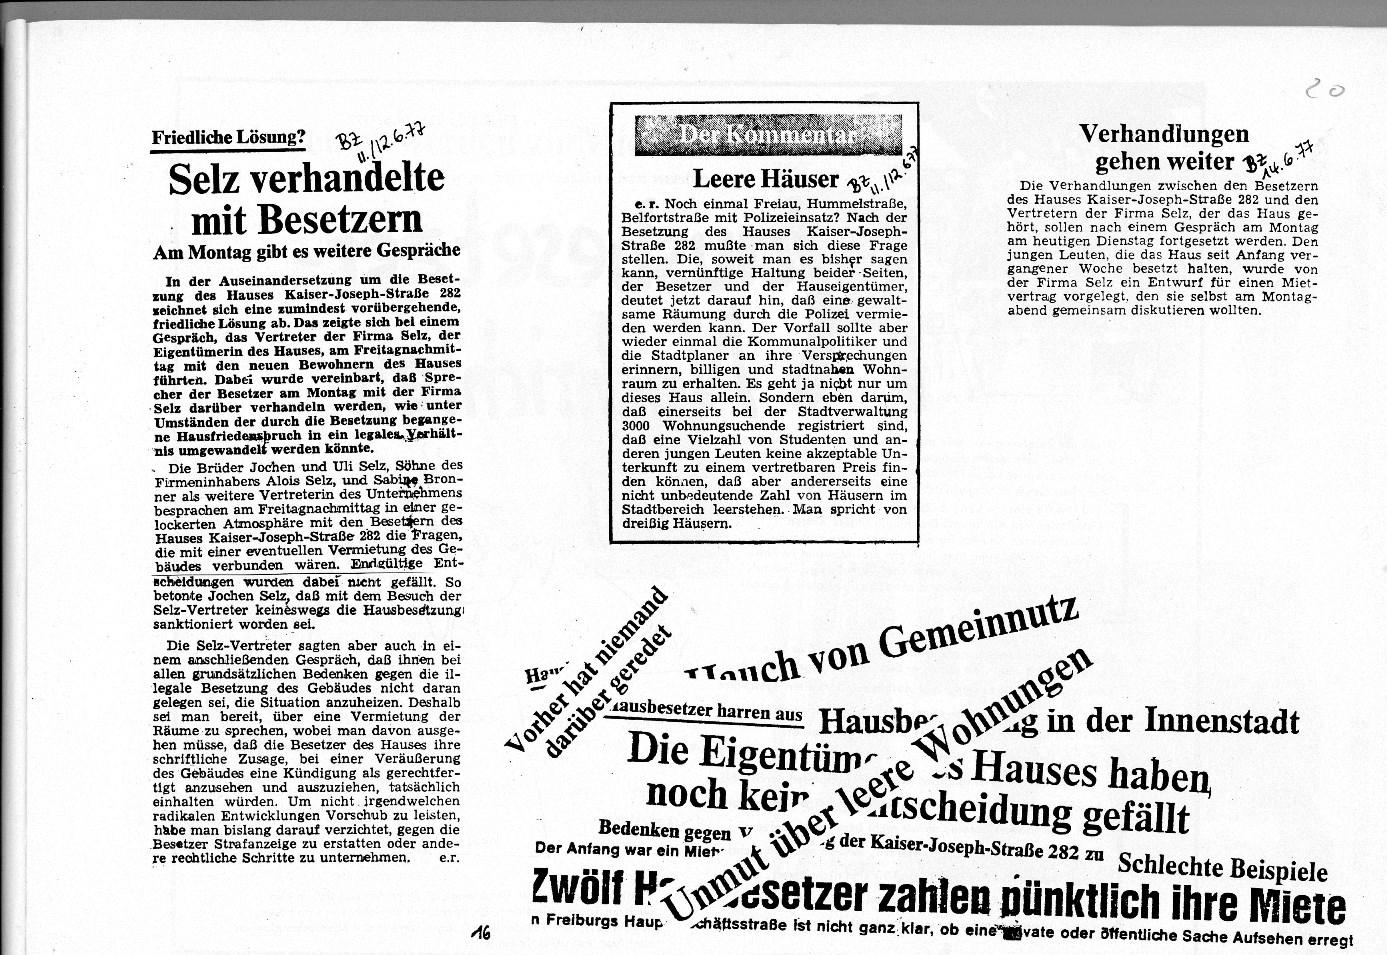 Freiburg_Hausbesetzung_01_Dreisameck_020